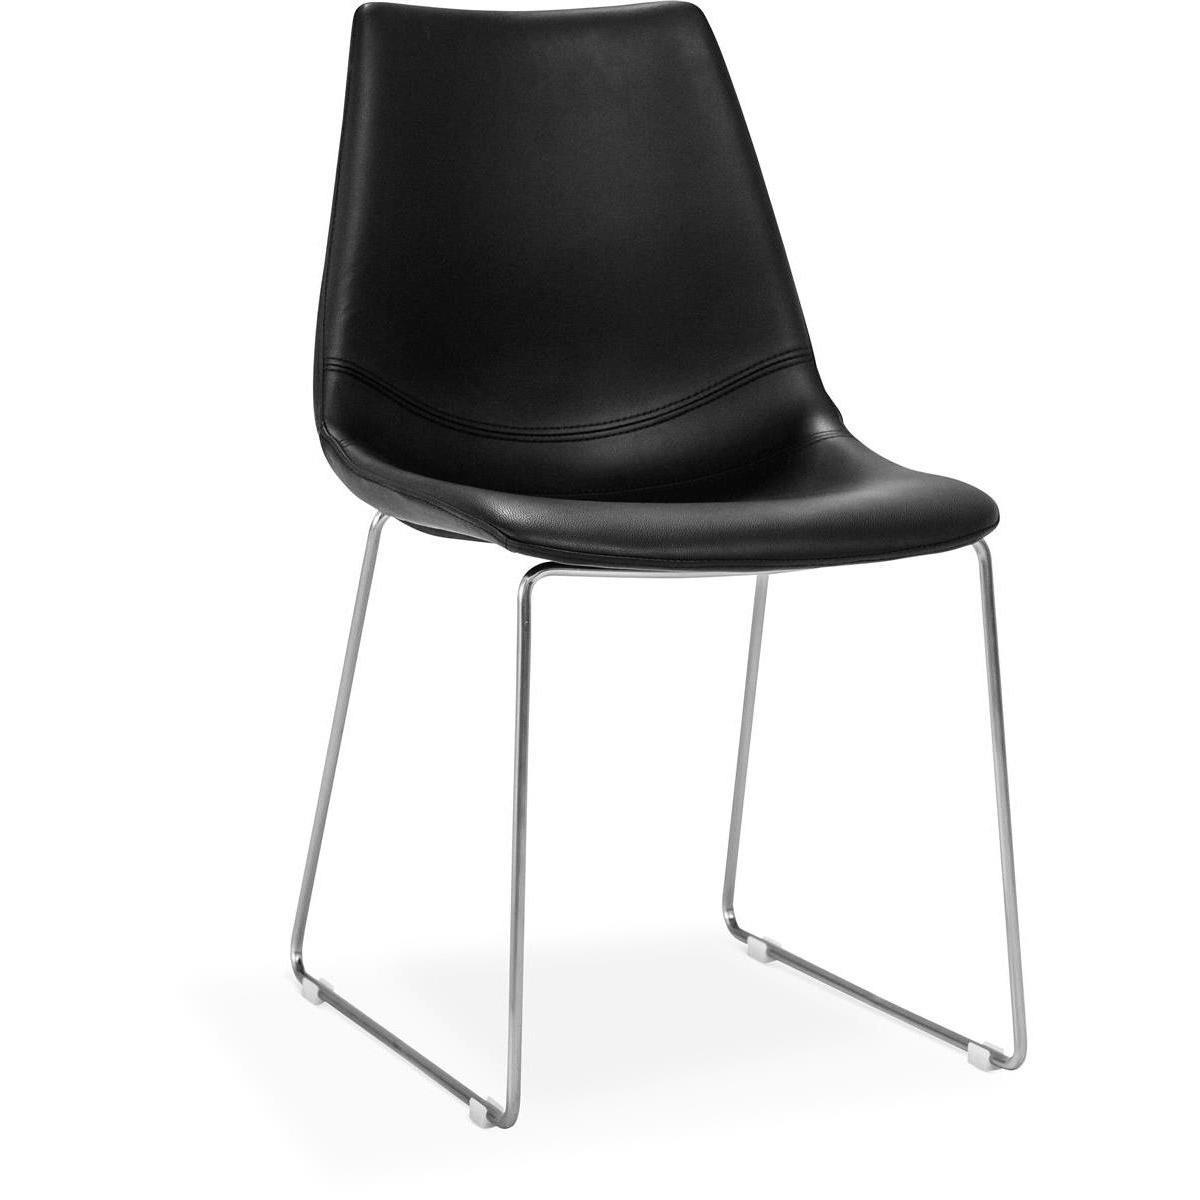 Eksta-stol-svart-kromade-ben-möbelmästarna